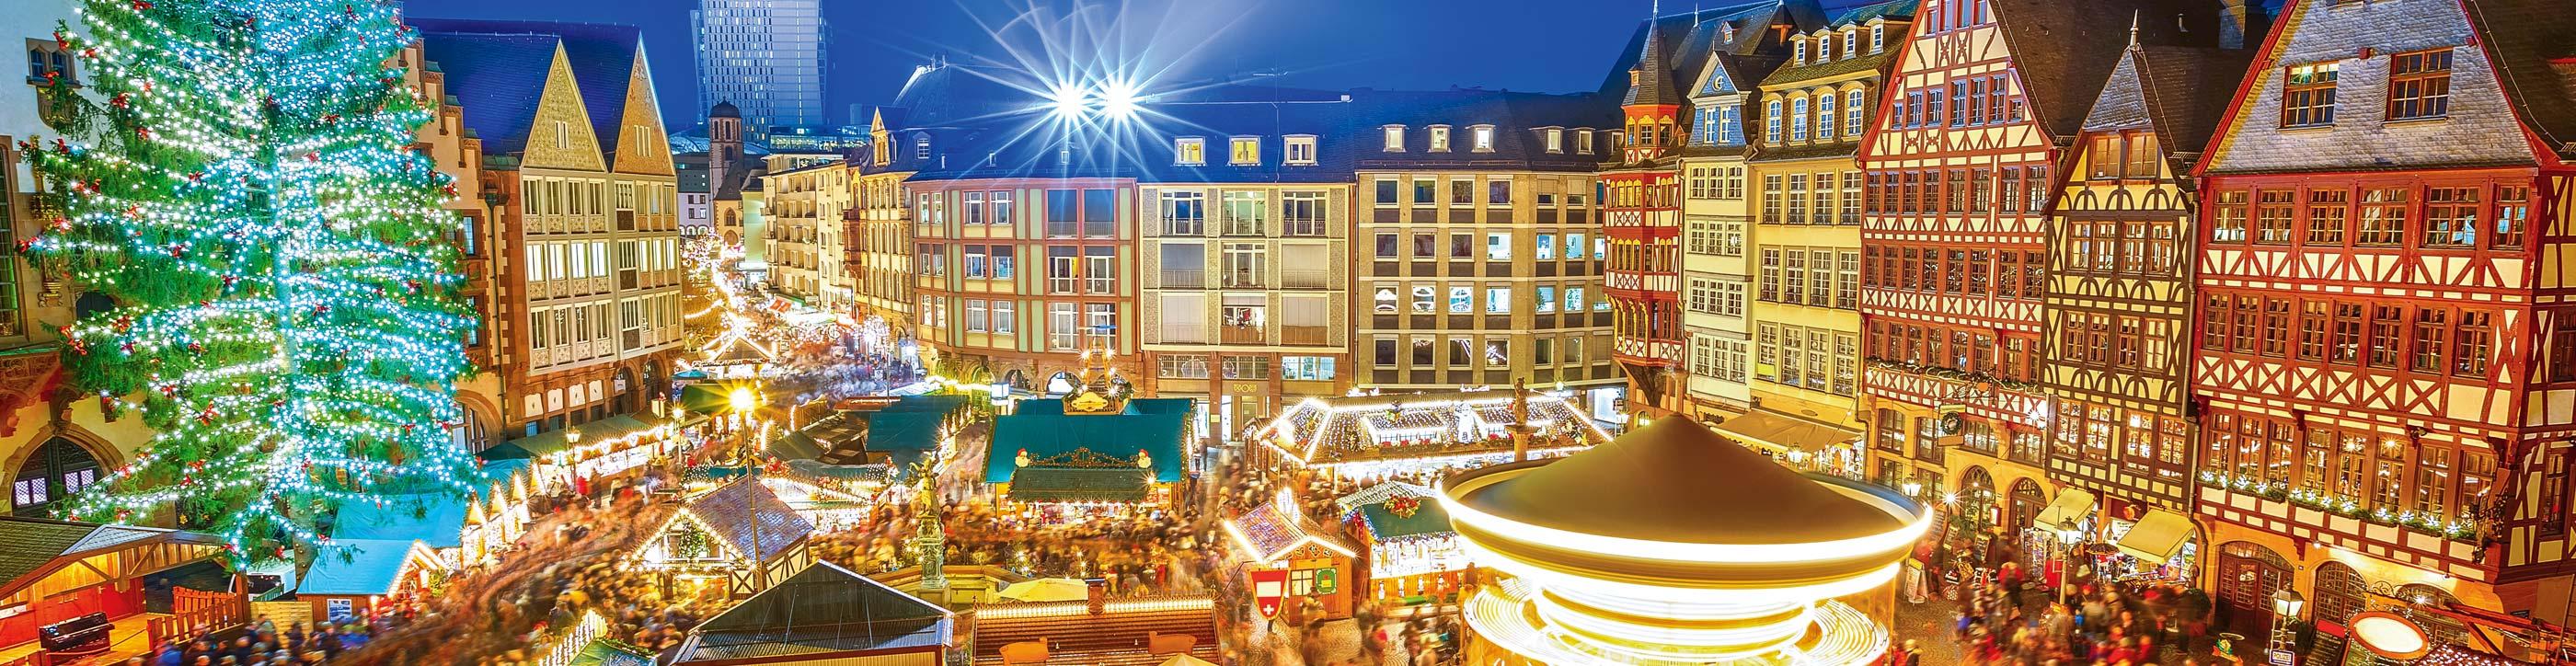 Viking Christmas Market Cruise